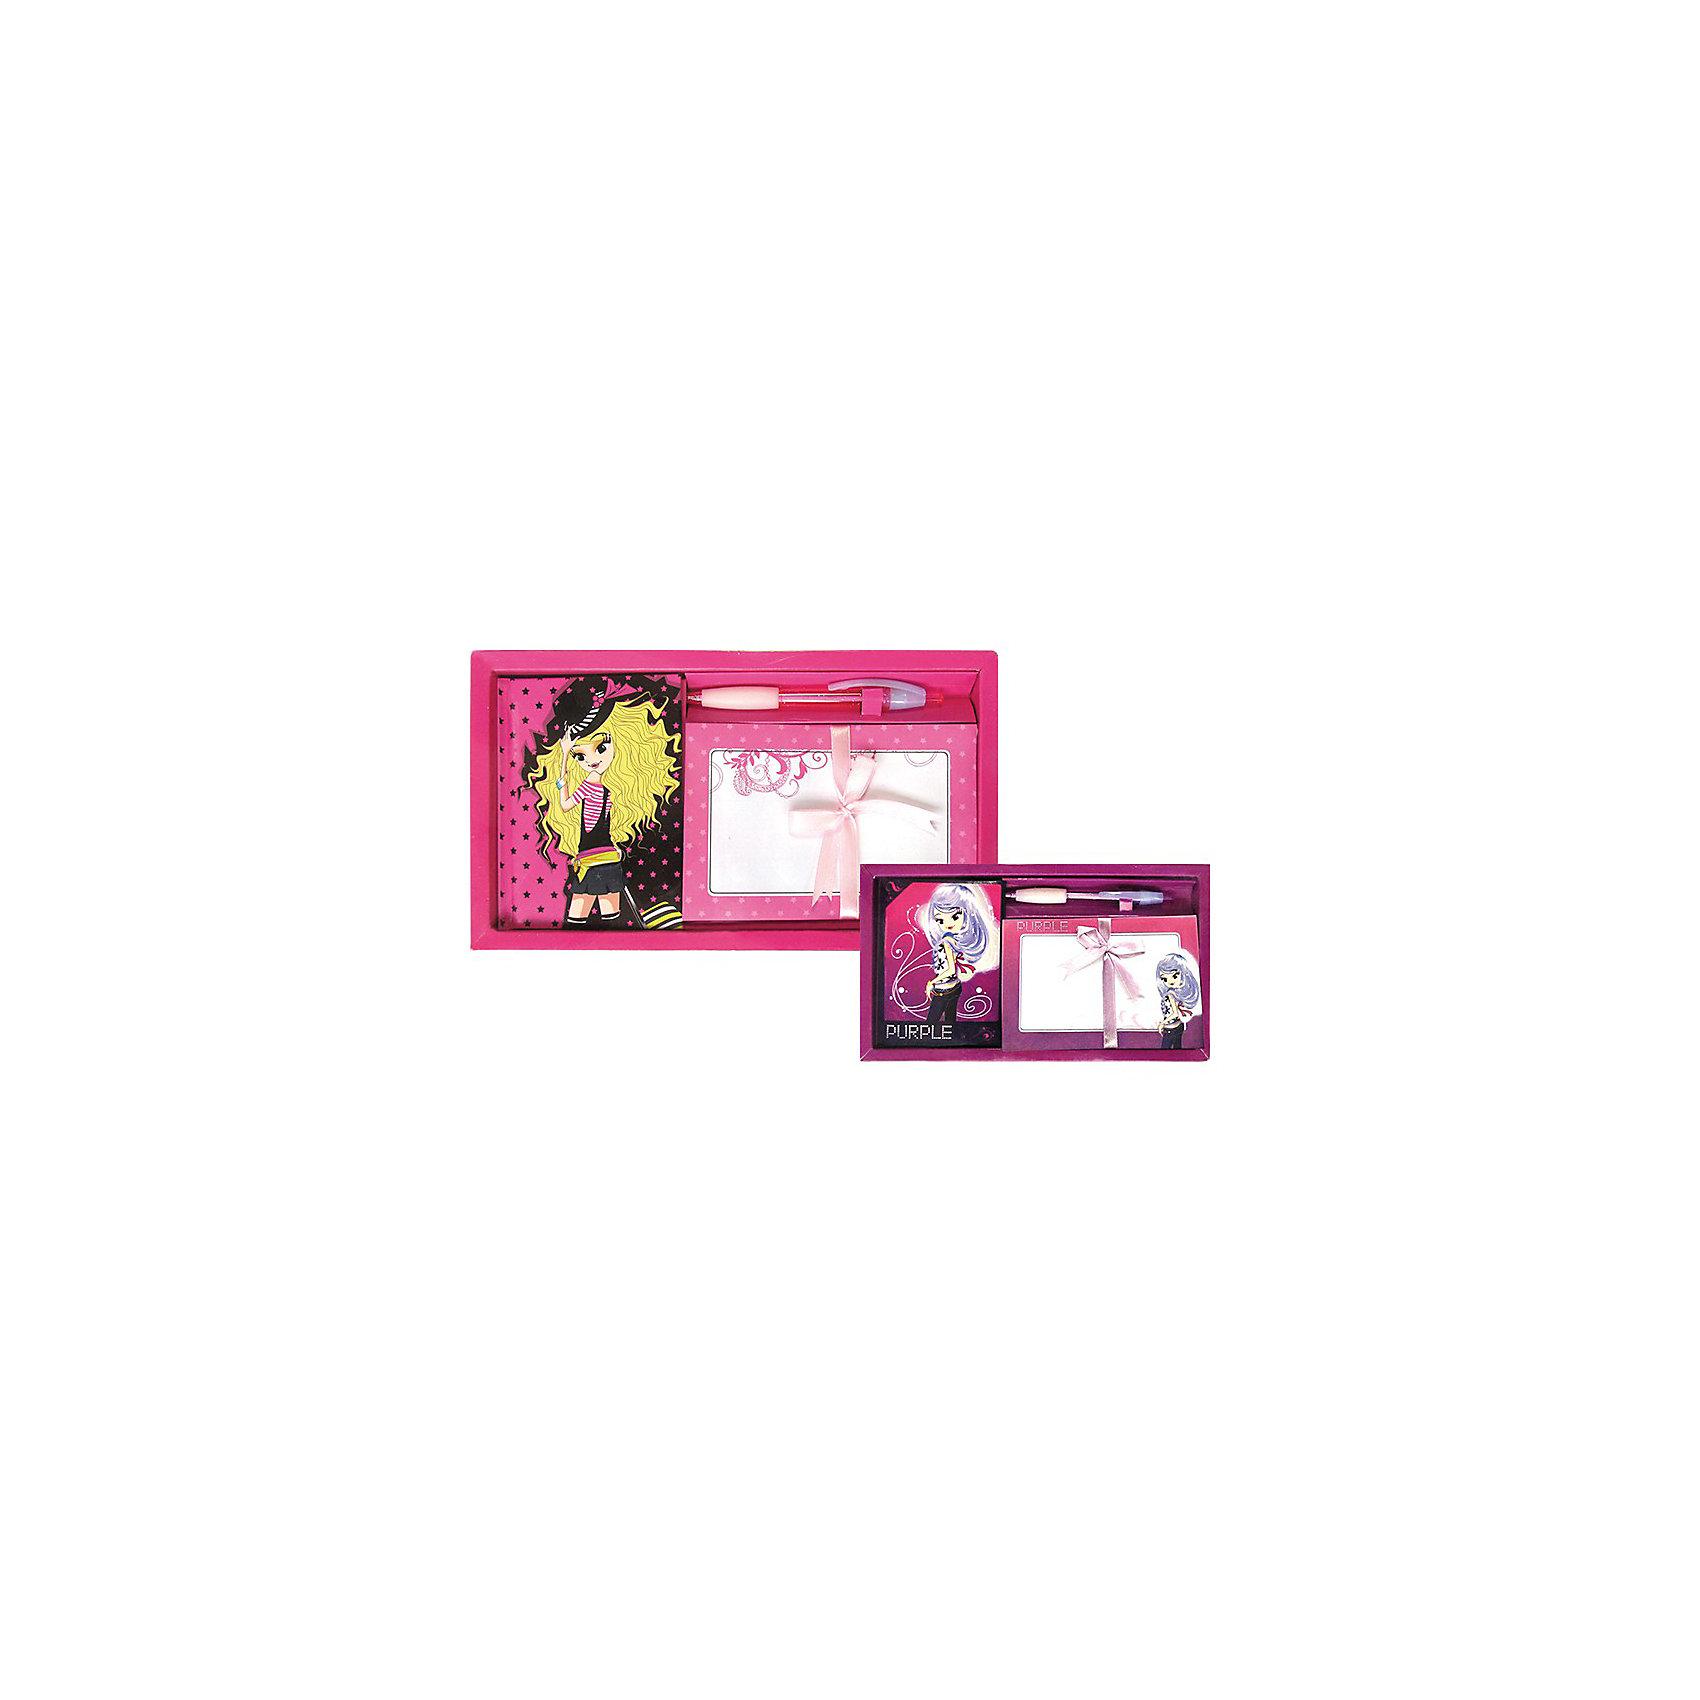 Подарочный набор Модная коллекцияПодарочный набор «Модная коллекция» привлечет внимание каждой девочки и станет не только красивым, но и функциональным подарком для нее. Предметы набора, выполнены в яркой цветовой гамме. Набор упакован в оригинальную подарочную коробку.<br>В наборе: блокнот 50л. 9,5х13 см, 5 конвертов, 10 листов бумаги д/письма, шариковая ручка.<br><br>Ширина мм: 140<br>Глубина мм: 110<br>Высота мм: 20<br>Вес г: 184<br>Возраст от месяцев: 60<br>Возраст до месяцев: 144<br>Пол: Женский<br>Возраст: Детский<br>SKU: 3097252